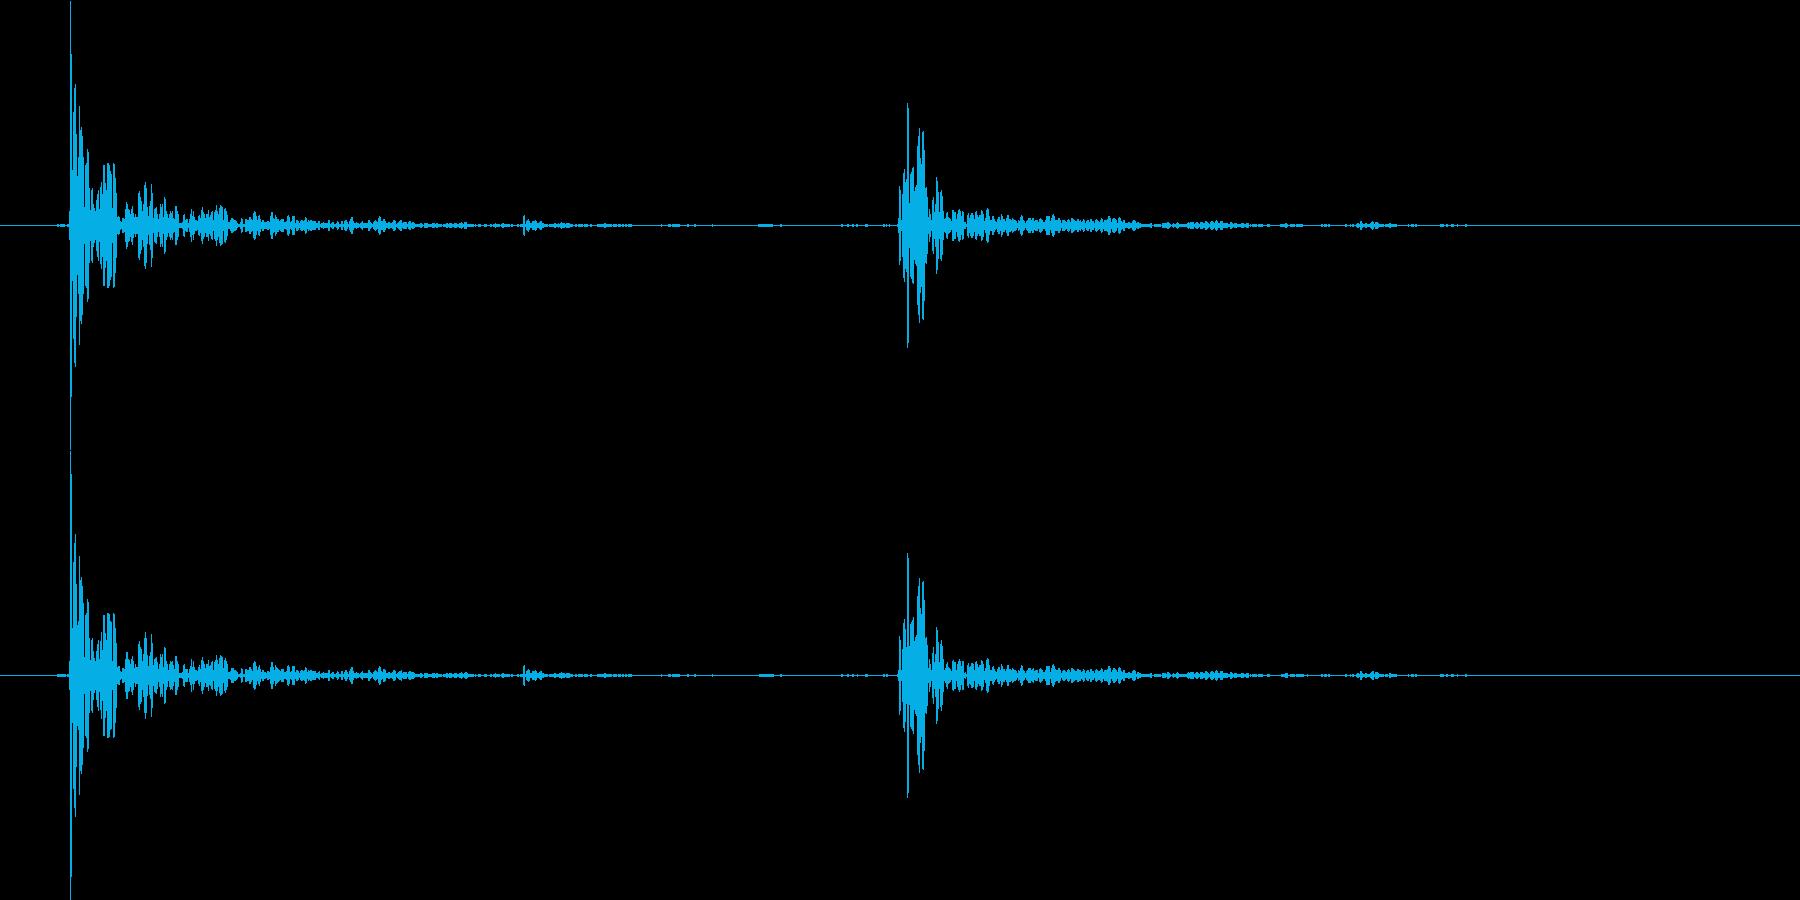 【マイク収録】グラスをテーブルに置く音の再生済みの波形